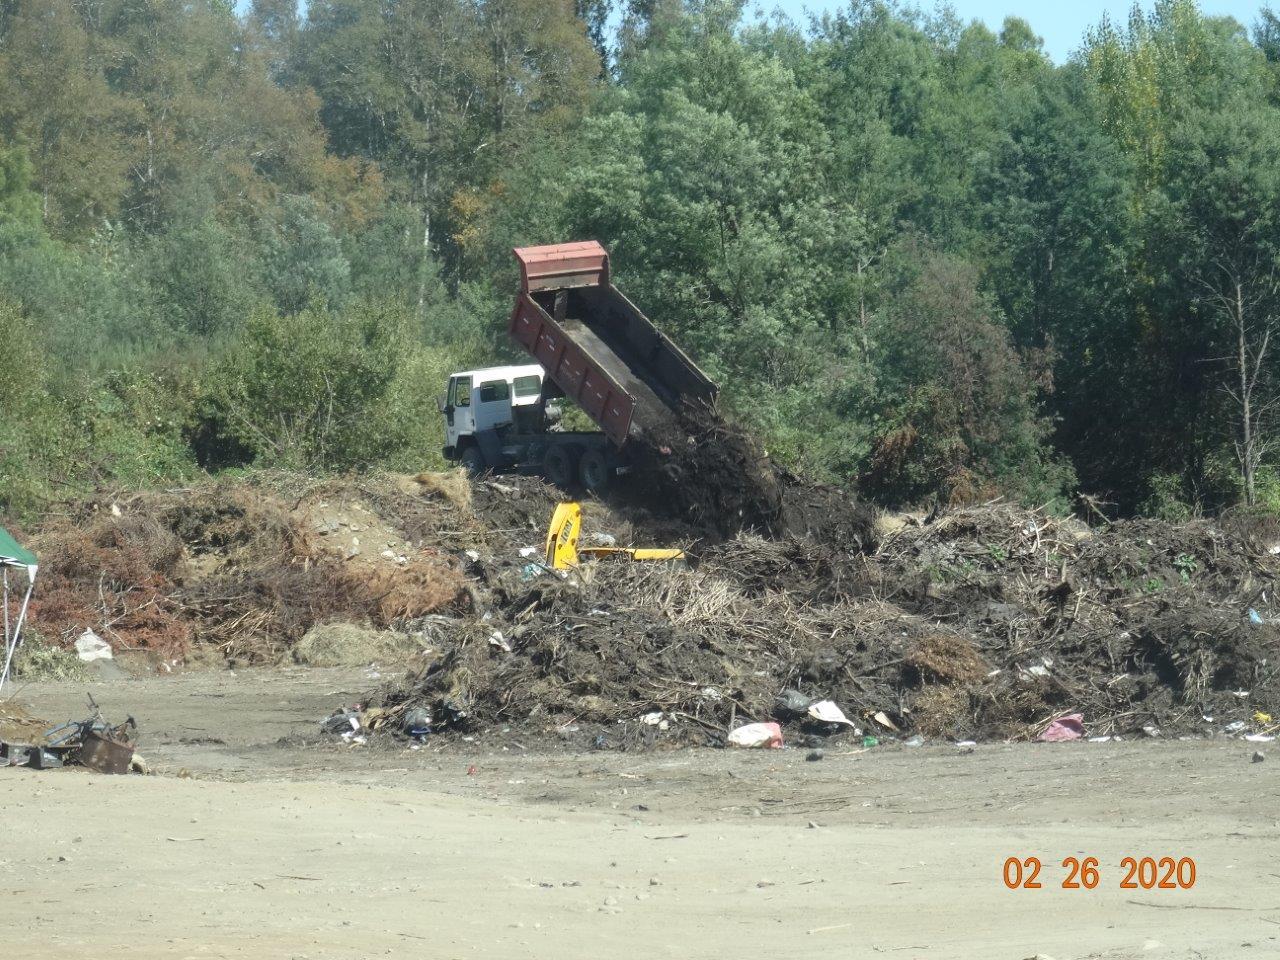 Superintendente De La Maza Ordenó Ingreso de Dos Nuevos Proyectos al Sistema de Evaluación de Impacto Ambiental (SEIA)